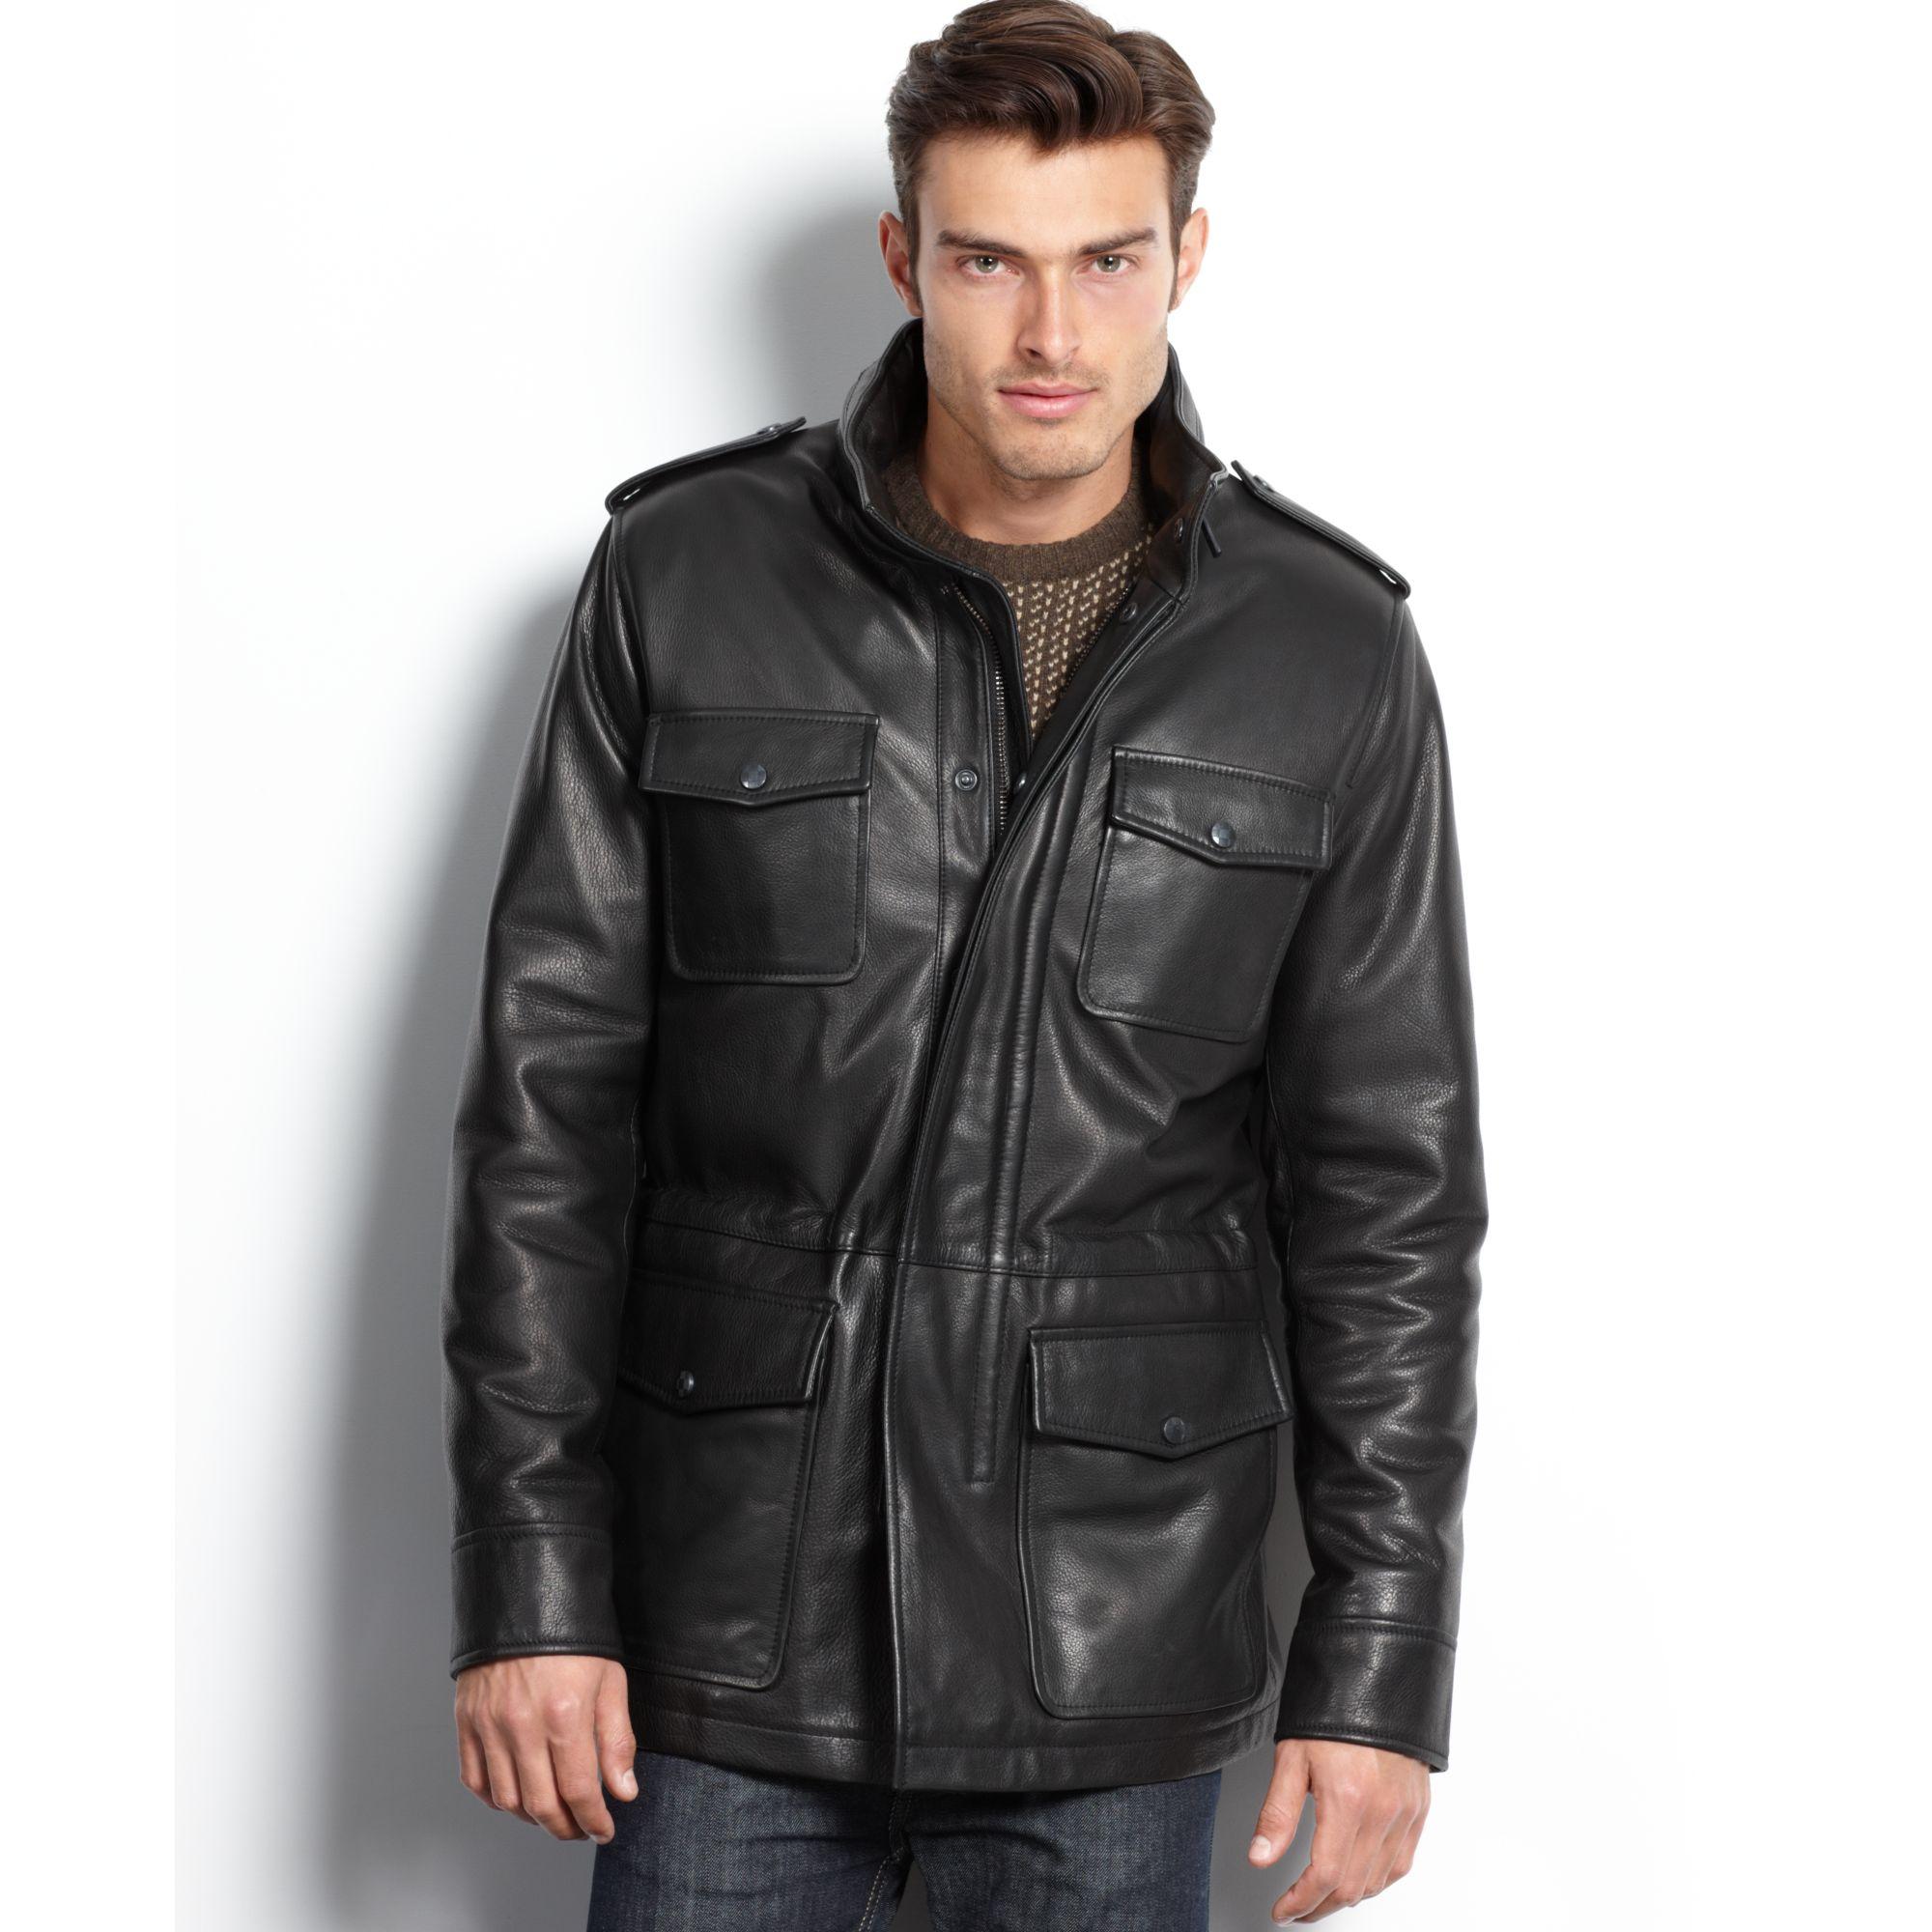 Vince Camuto Leather Four Pocket Car Coat In Black For Men